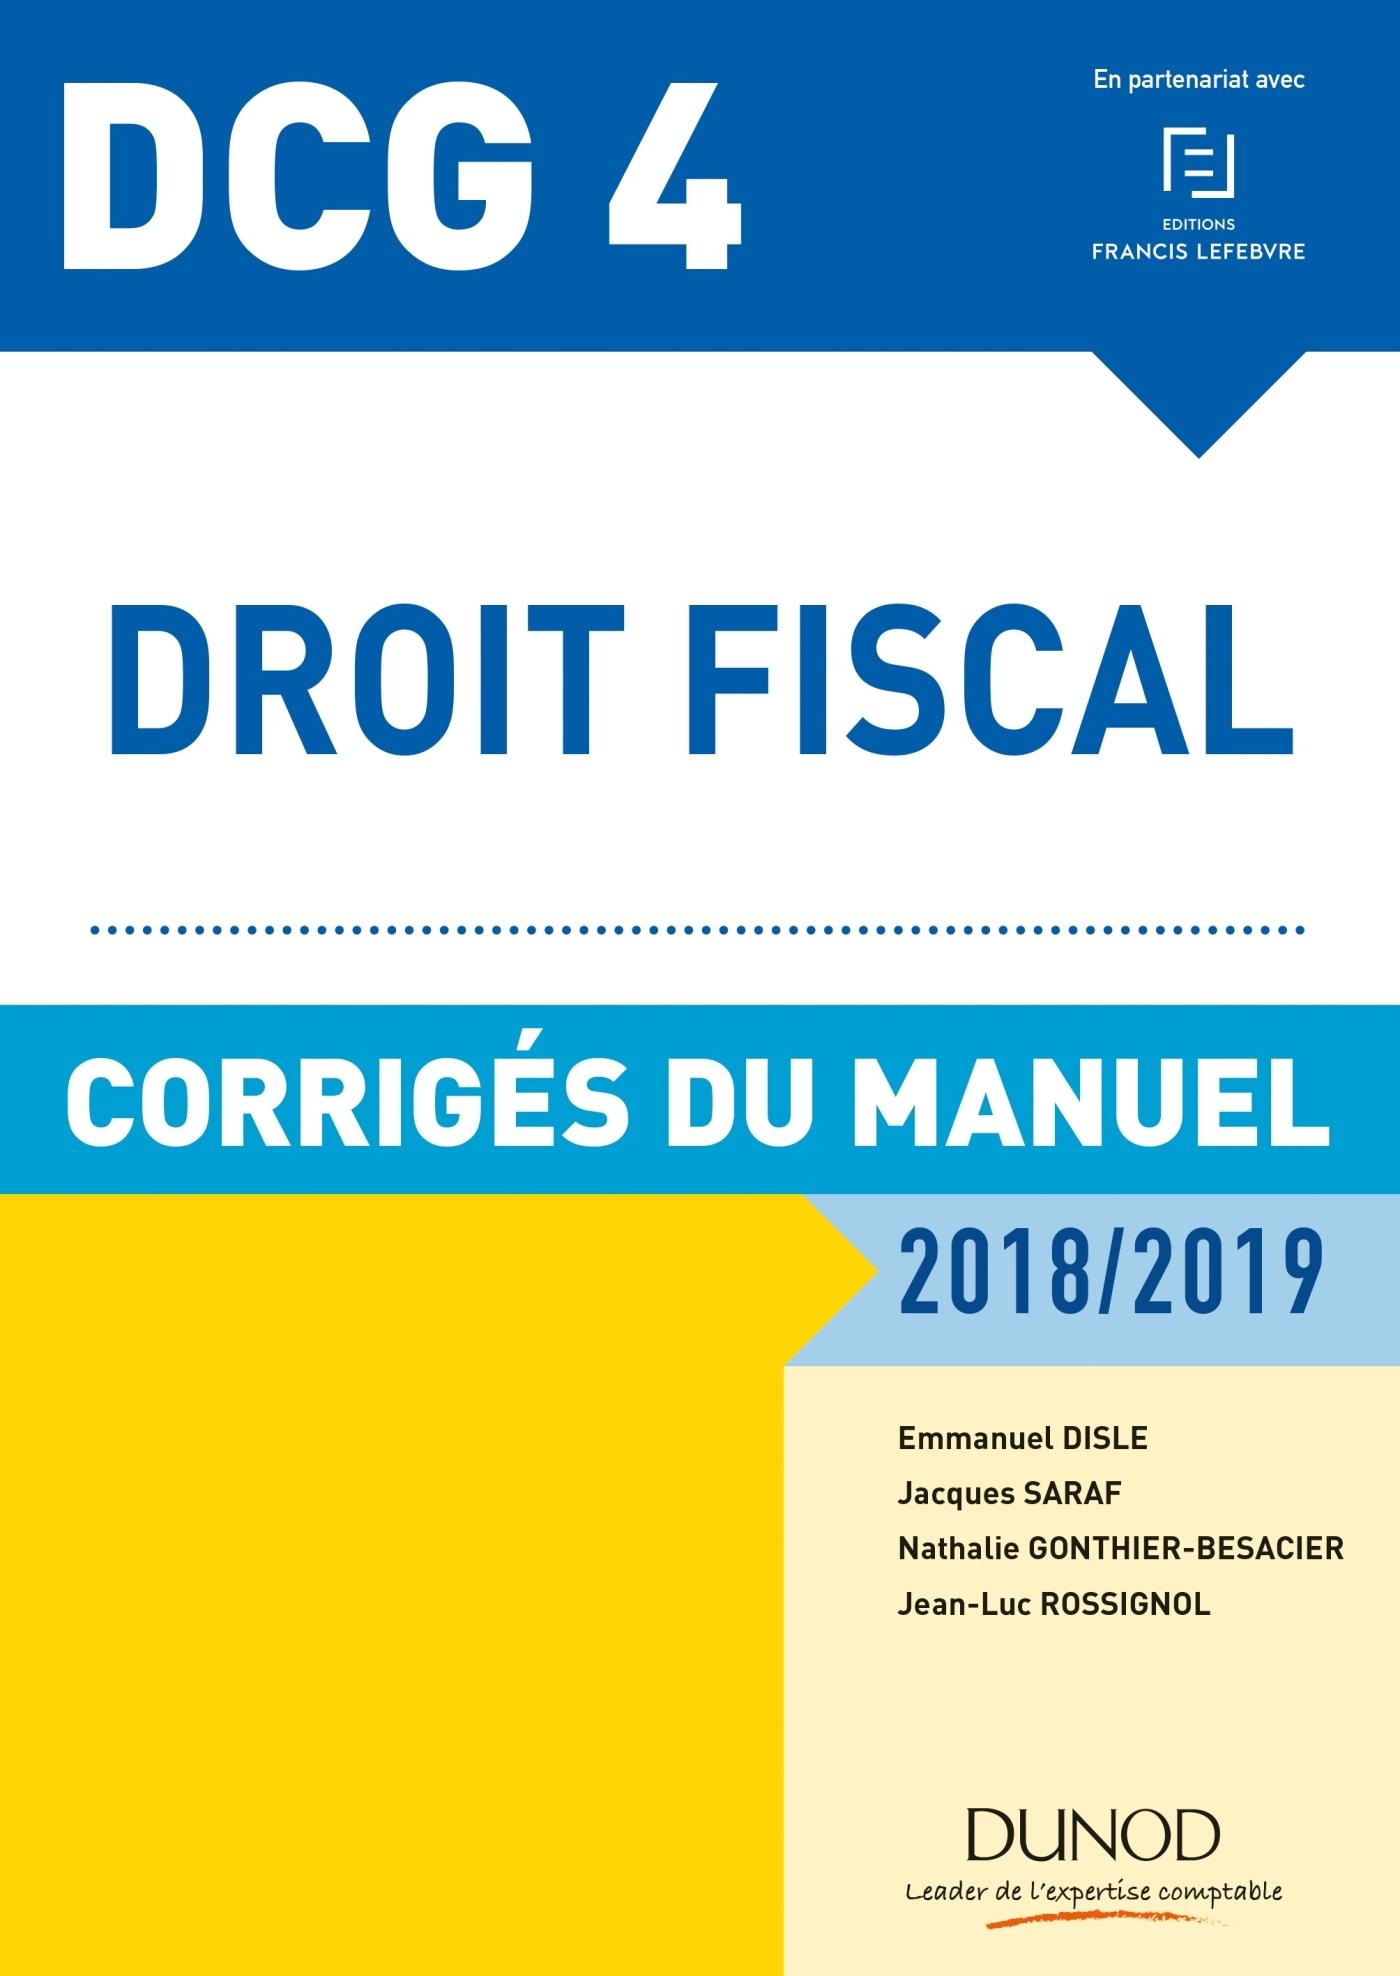 DCG 4 - DROIT FISCAL 2018/2019 - CORRIGES DU MANUEL